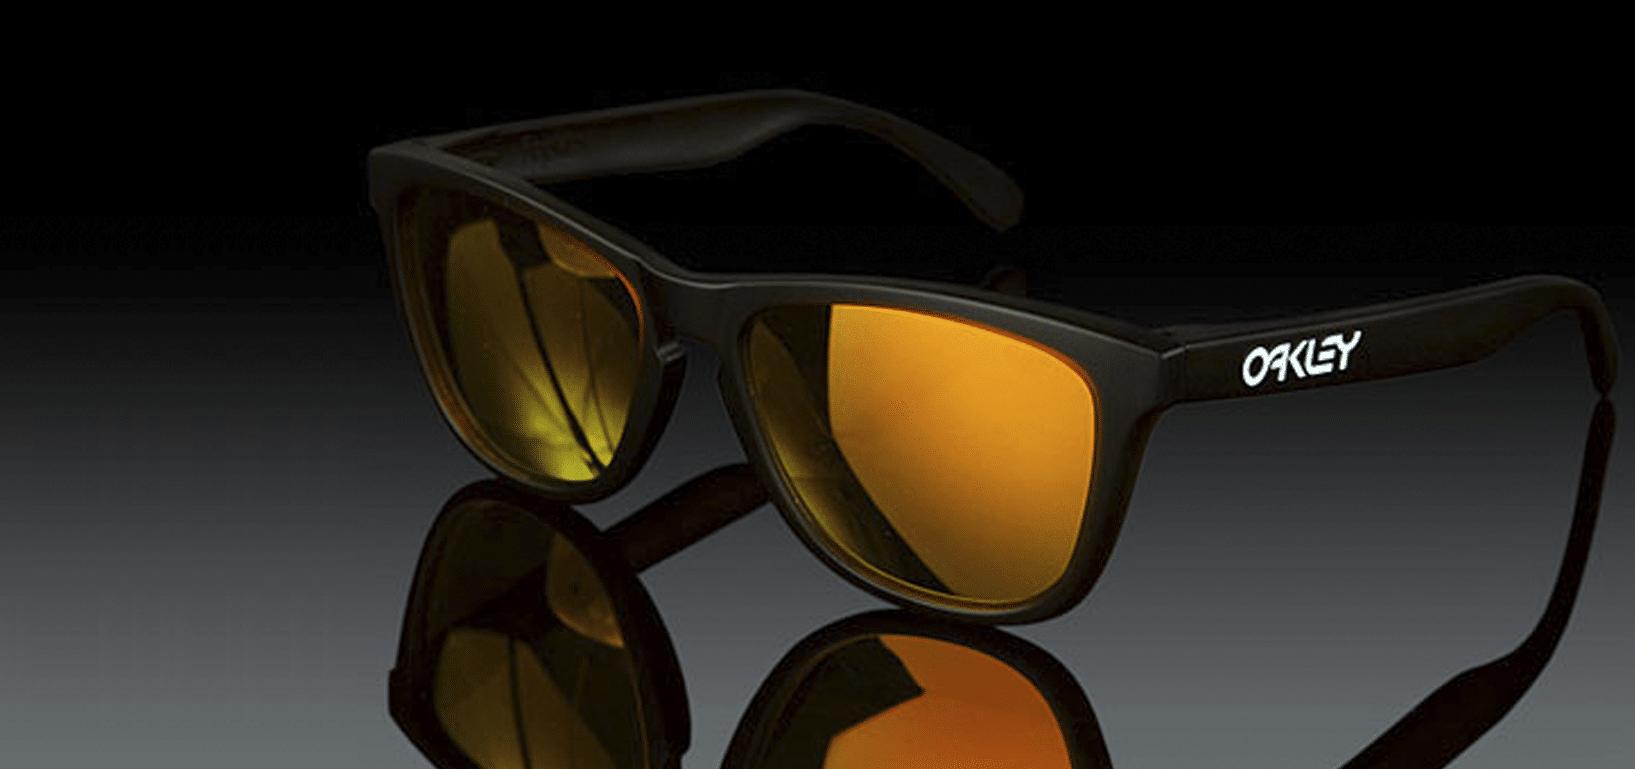 4174805f88d ¿Hay gafas OAKLEY Originales y Baratas en AliExpress  - 2019